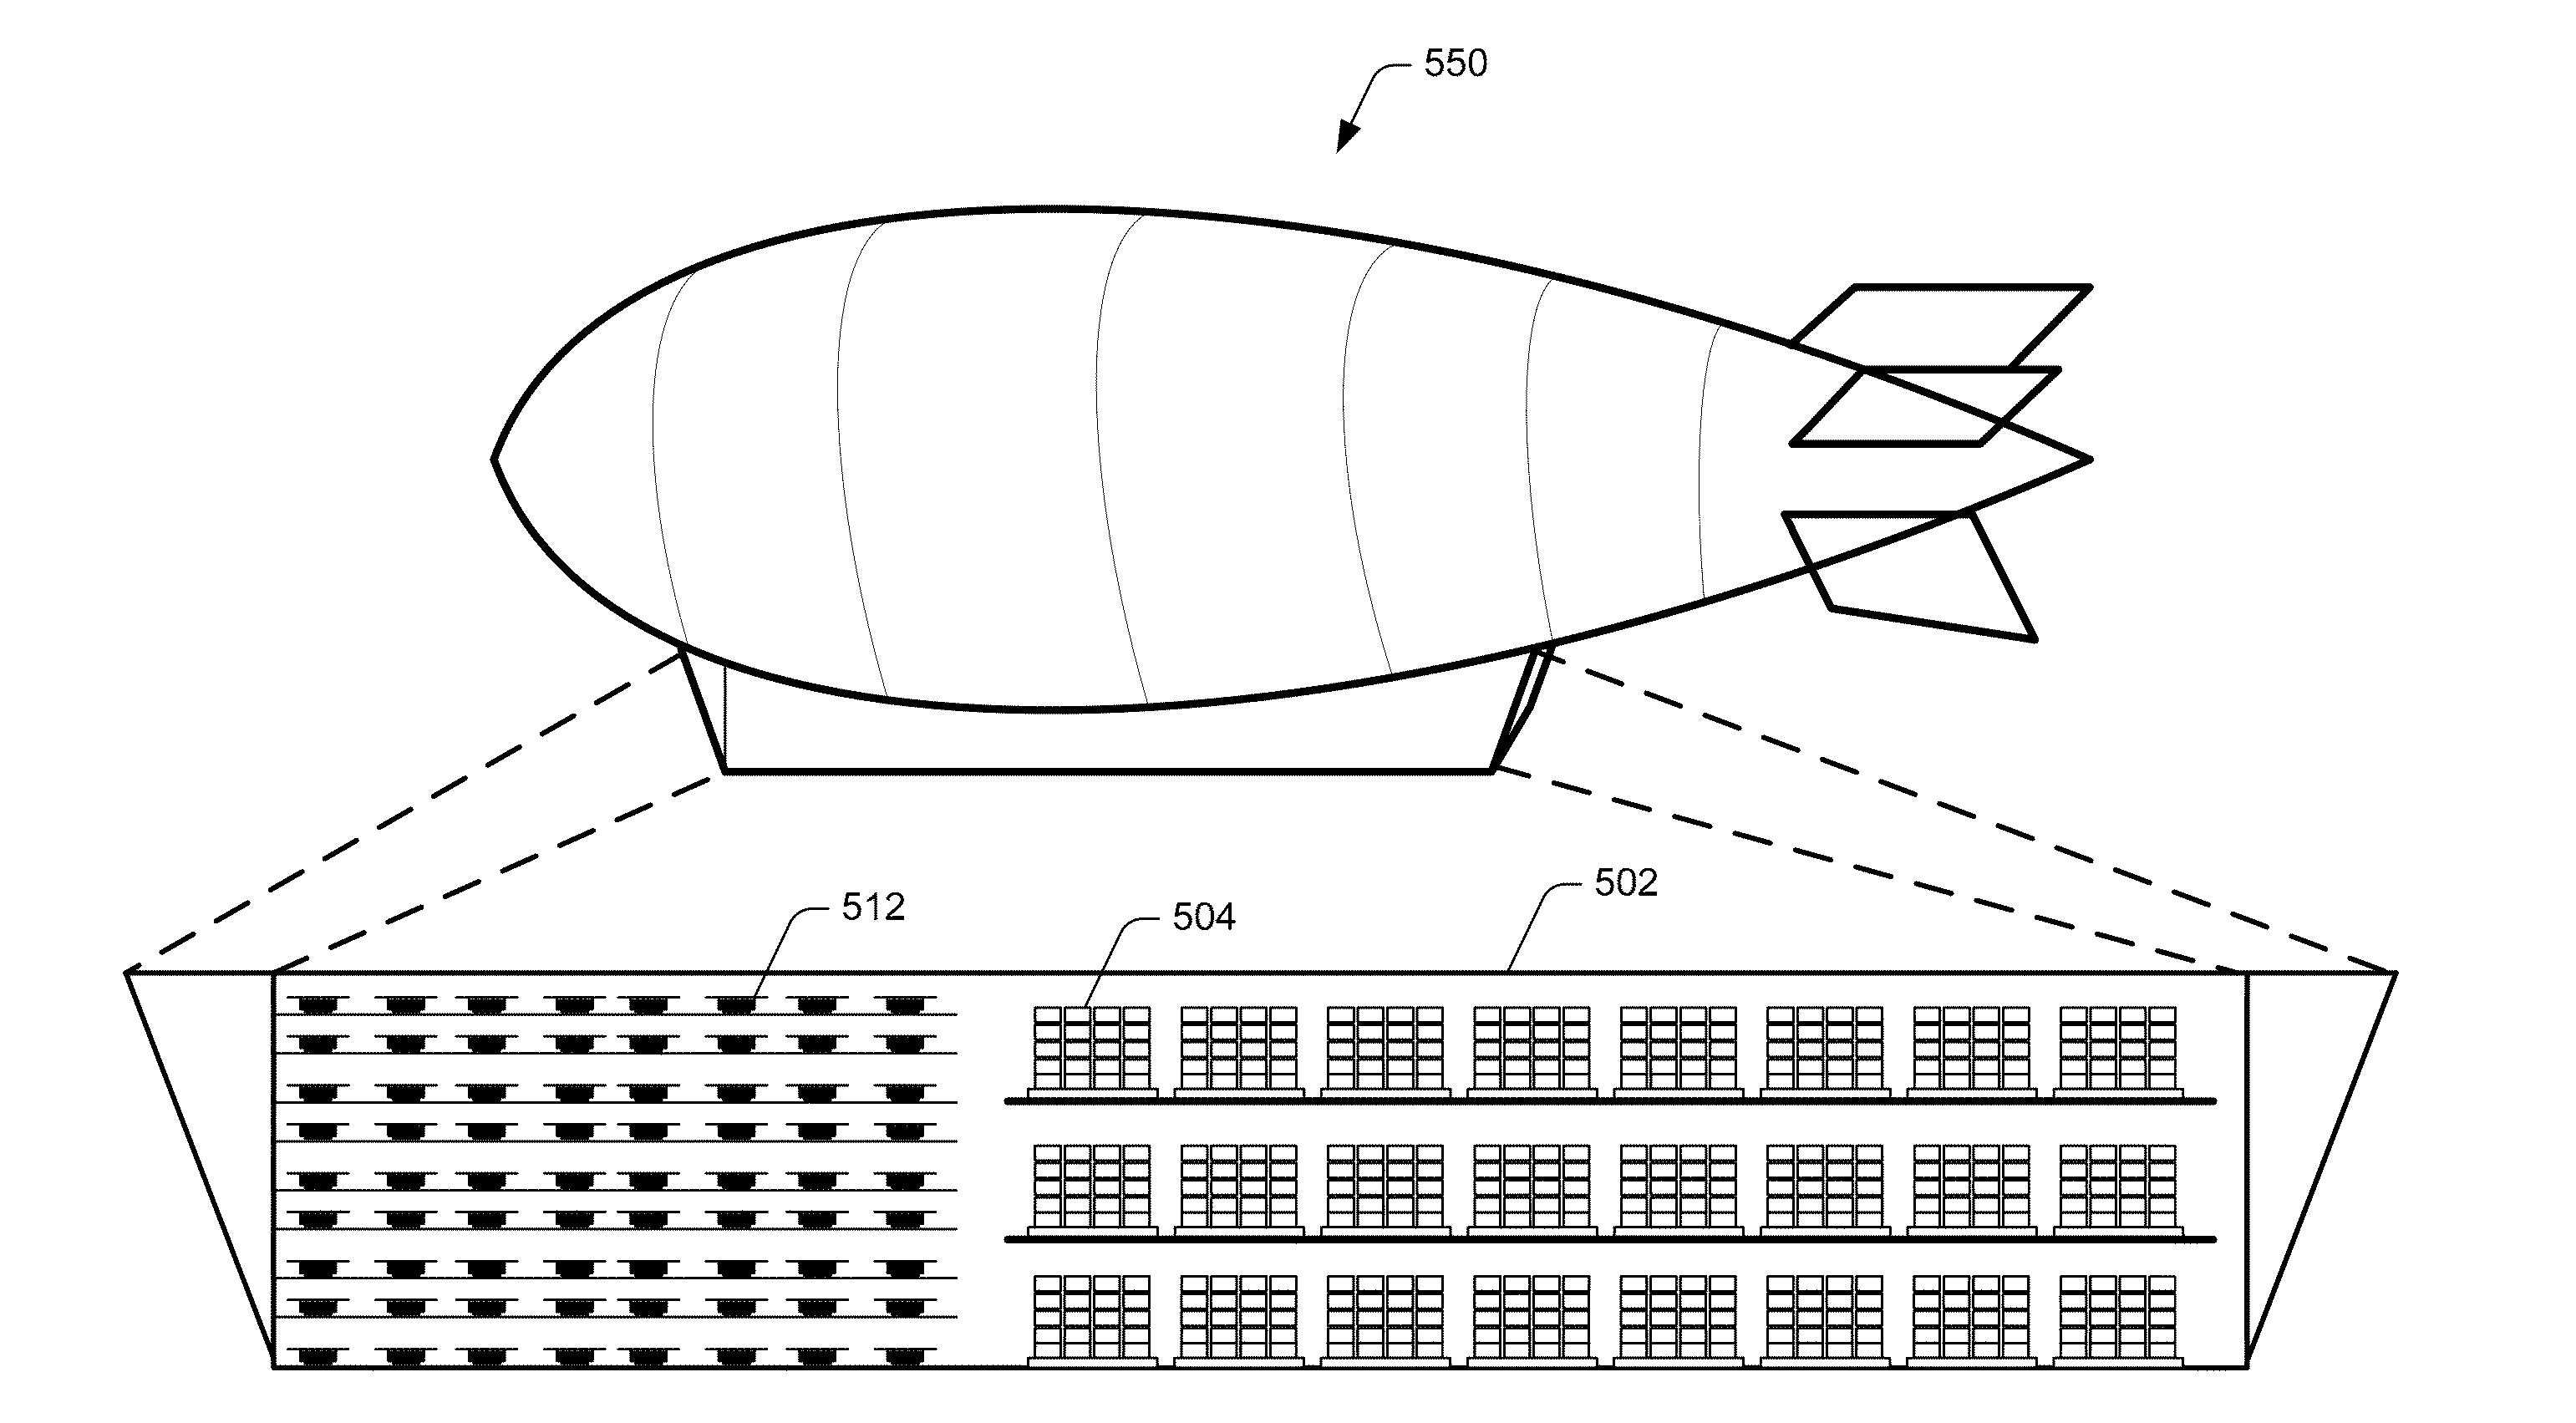 Amazon Airborne Fulfillment center Patent